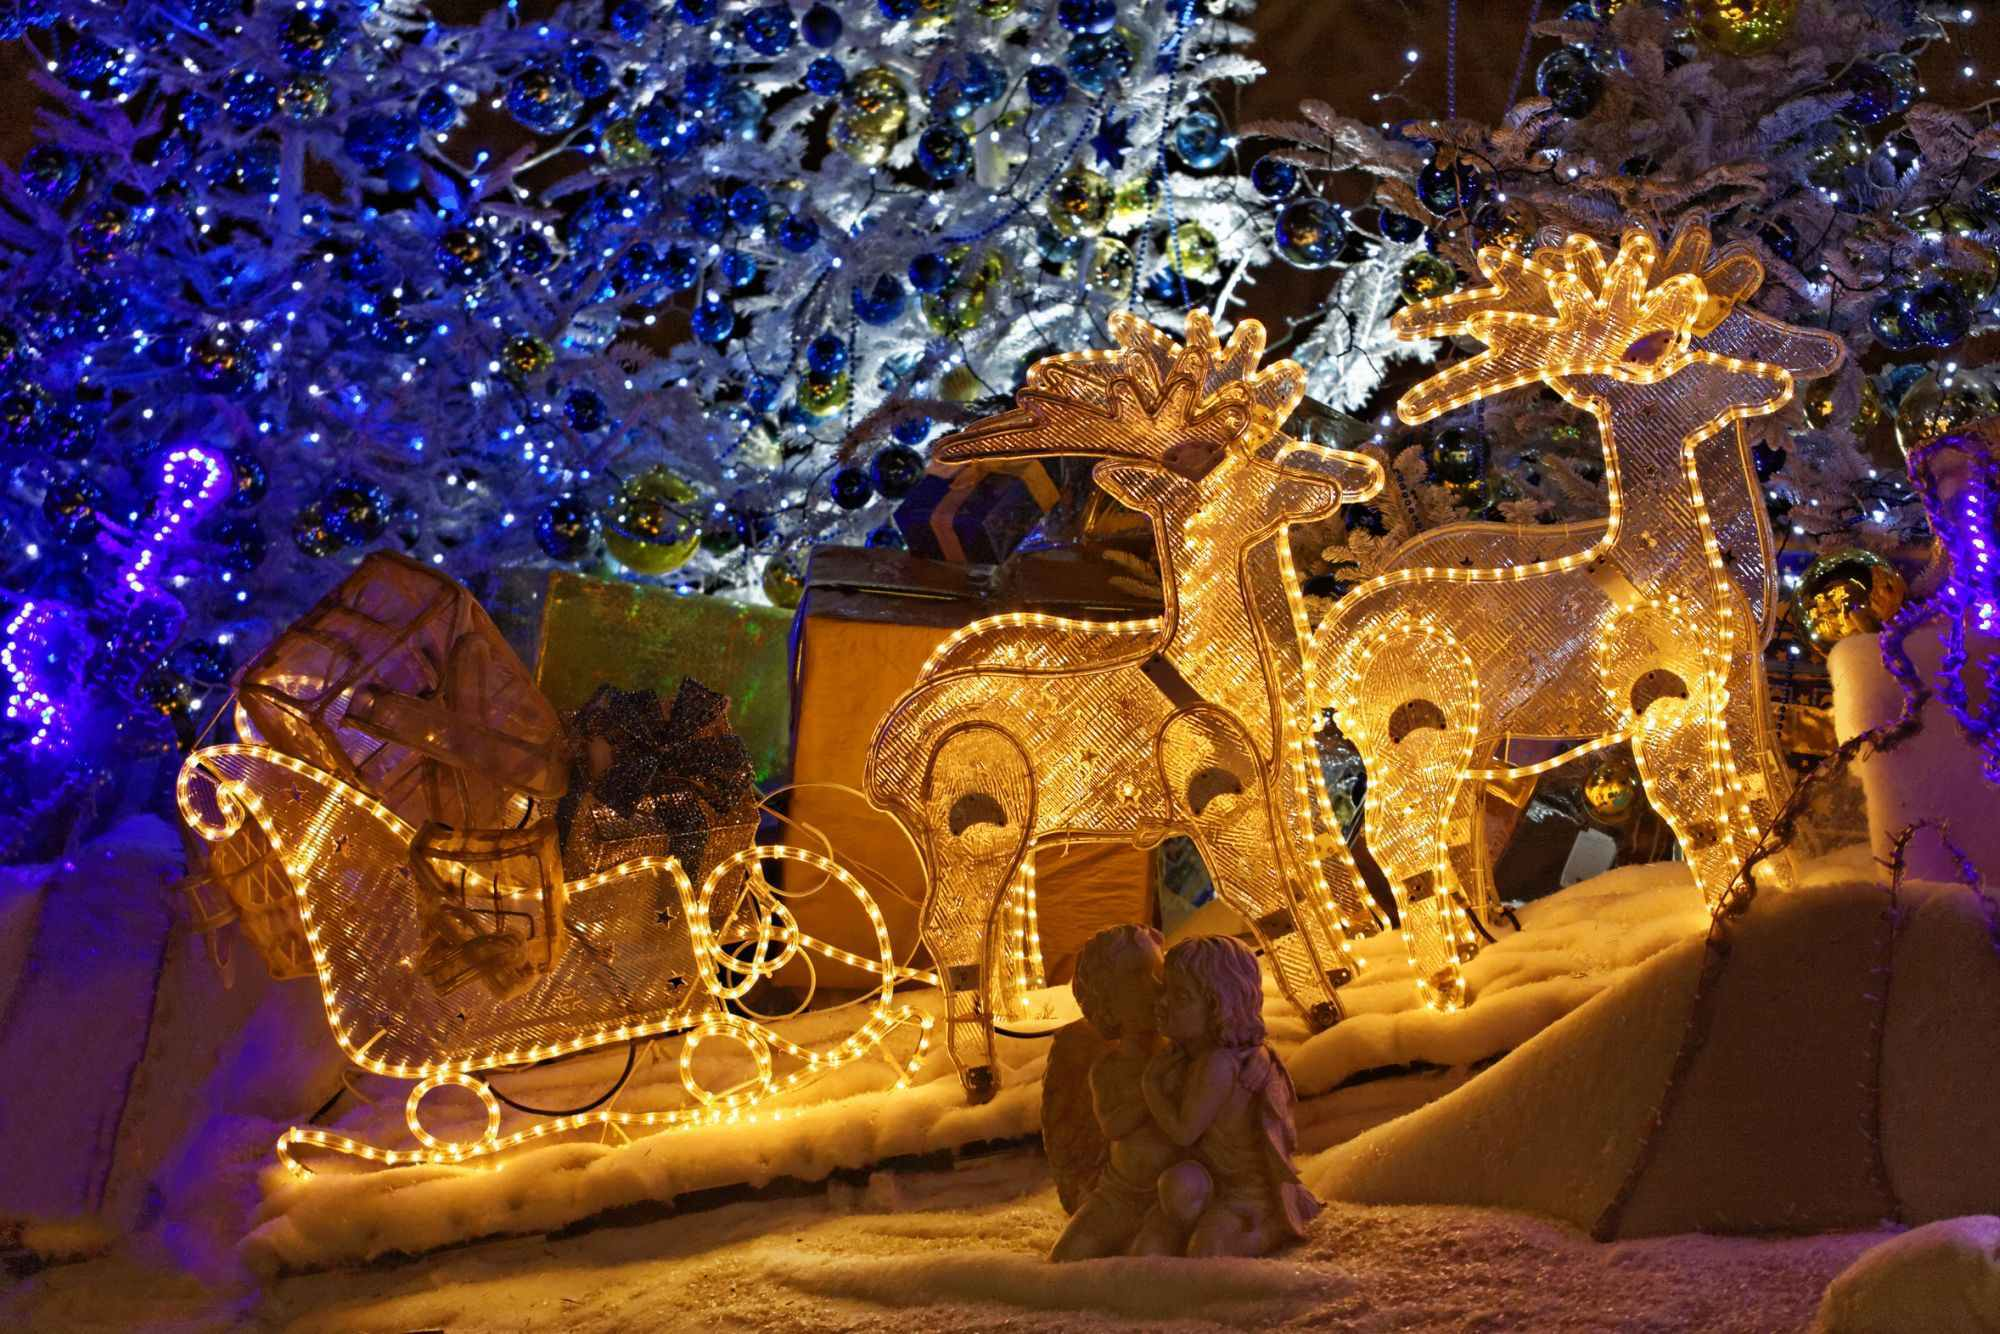 Das Weihnachtsmarkt.Weihnachtsmarkt Weimar Infos Zum Einem Der Schönsten